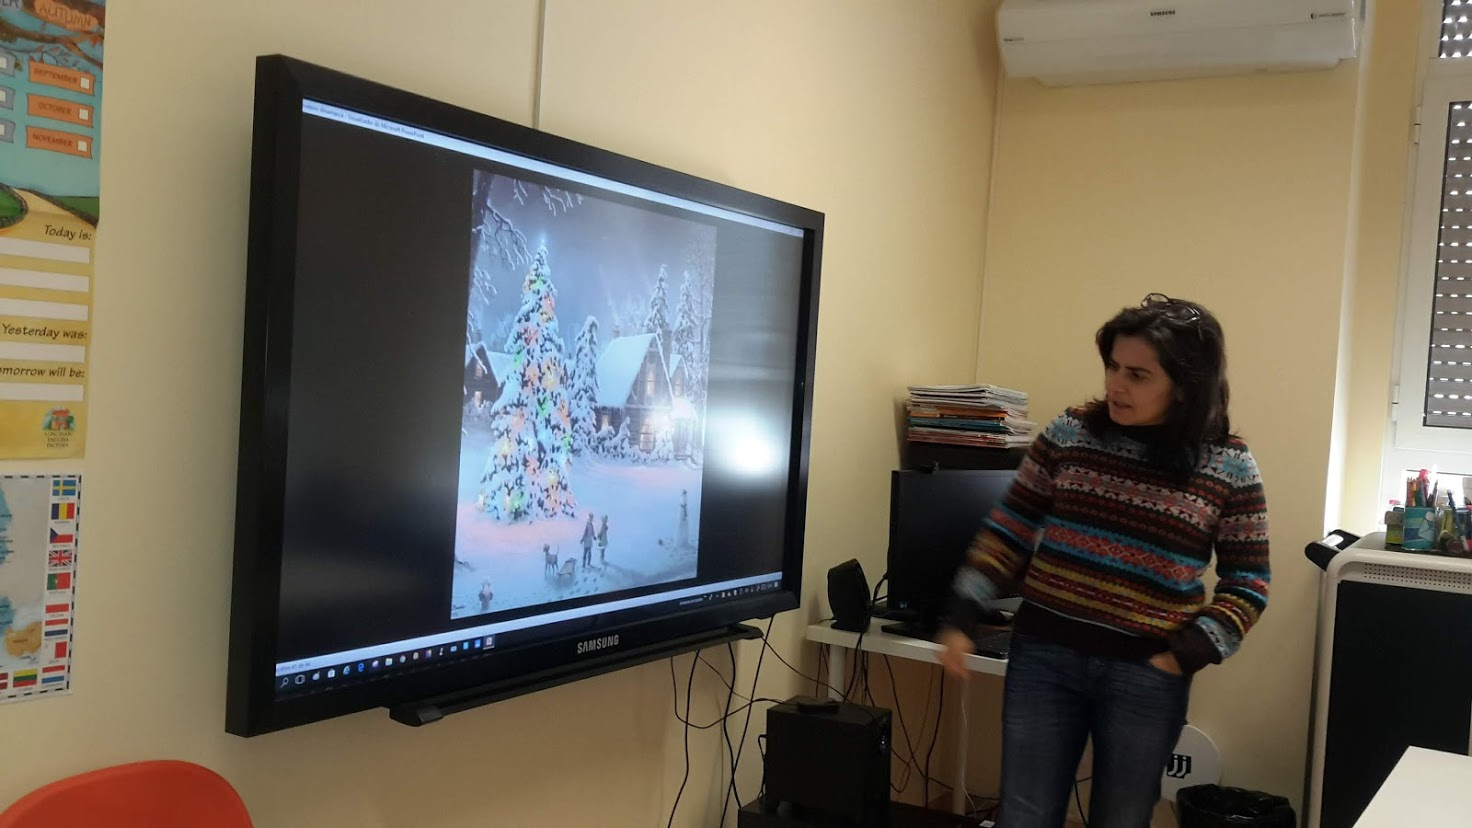 Animadora do Museu Nacional de Arte Antiga mostrando imagem com neve